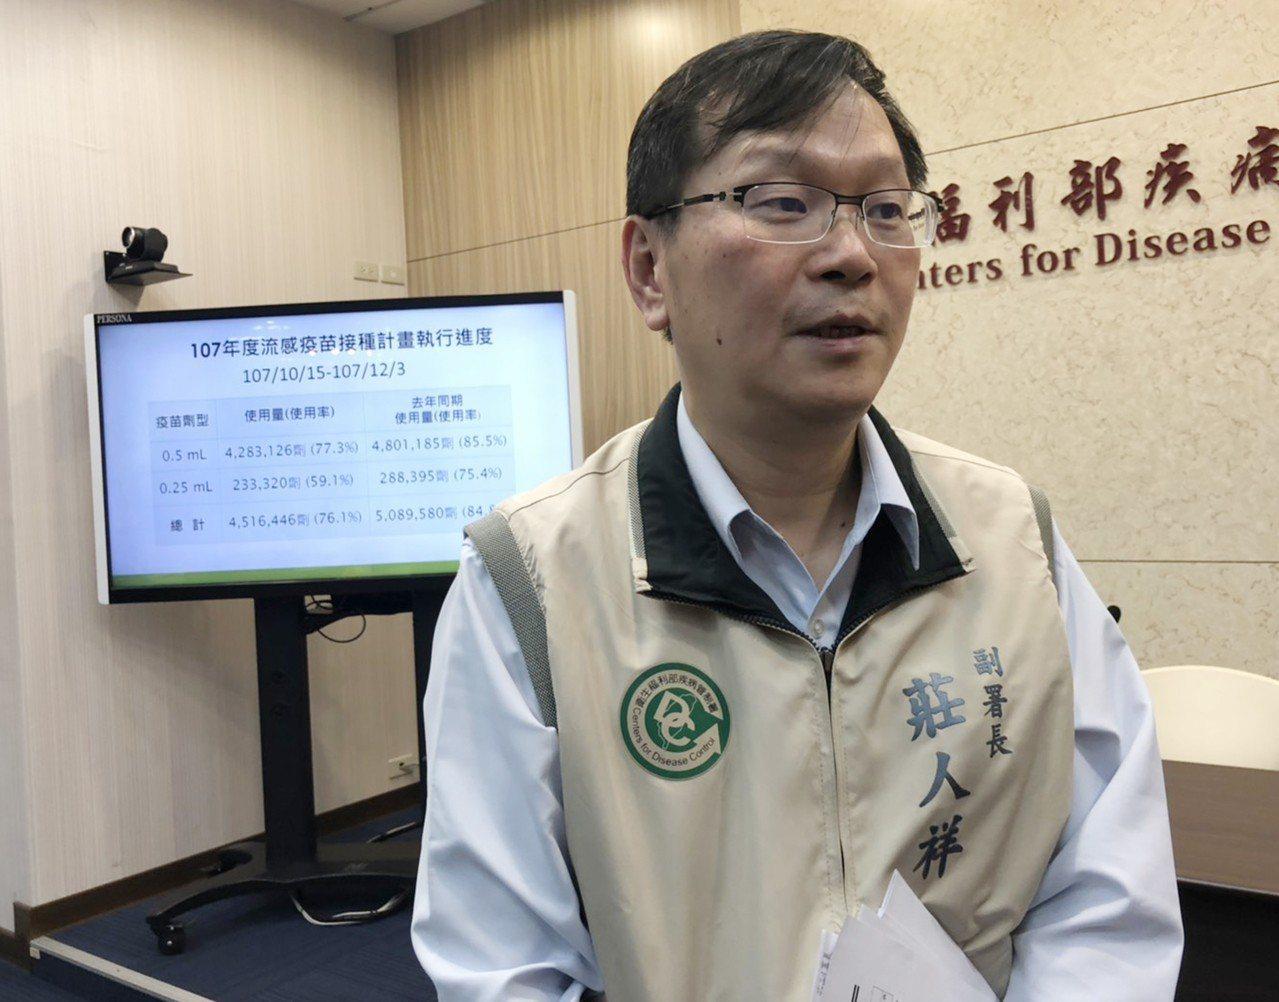 衛福部疾管署副署長莊人祥(圖)5日表示,上週新增2例經審查與流感相關死亡病例,其...